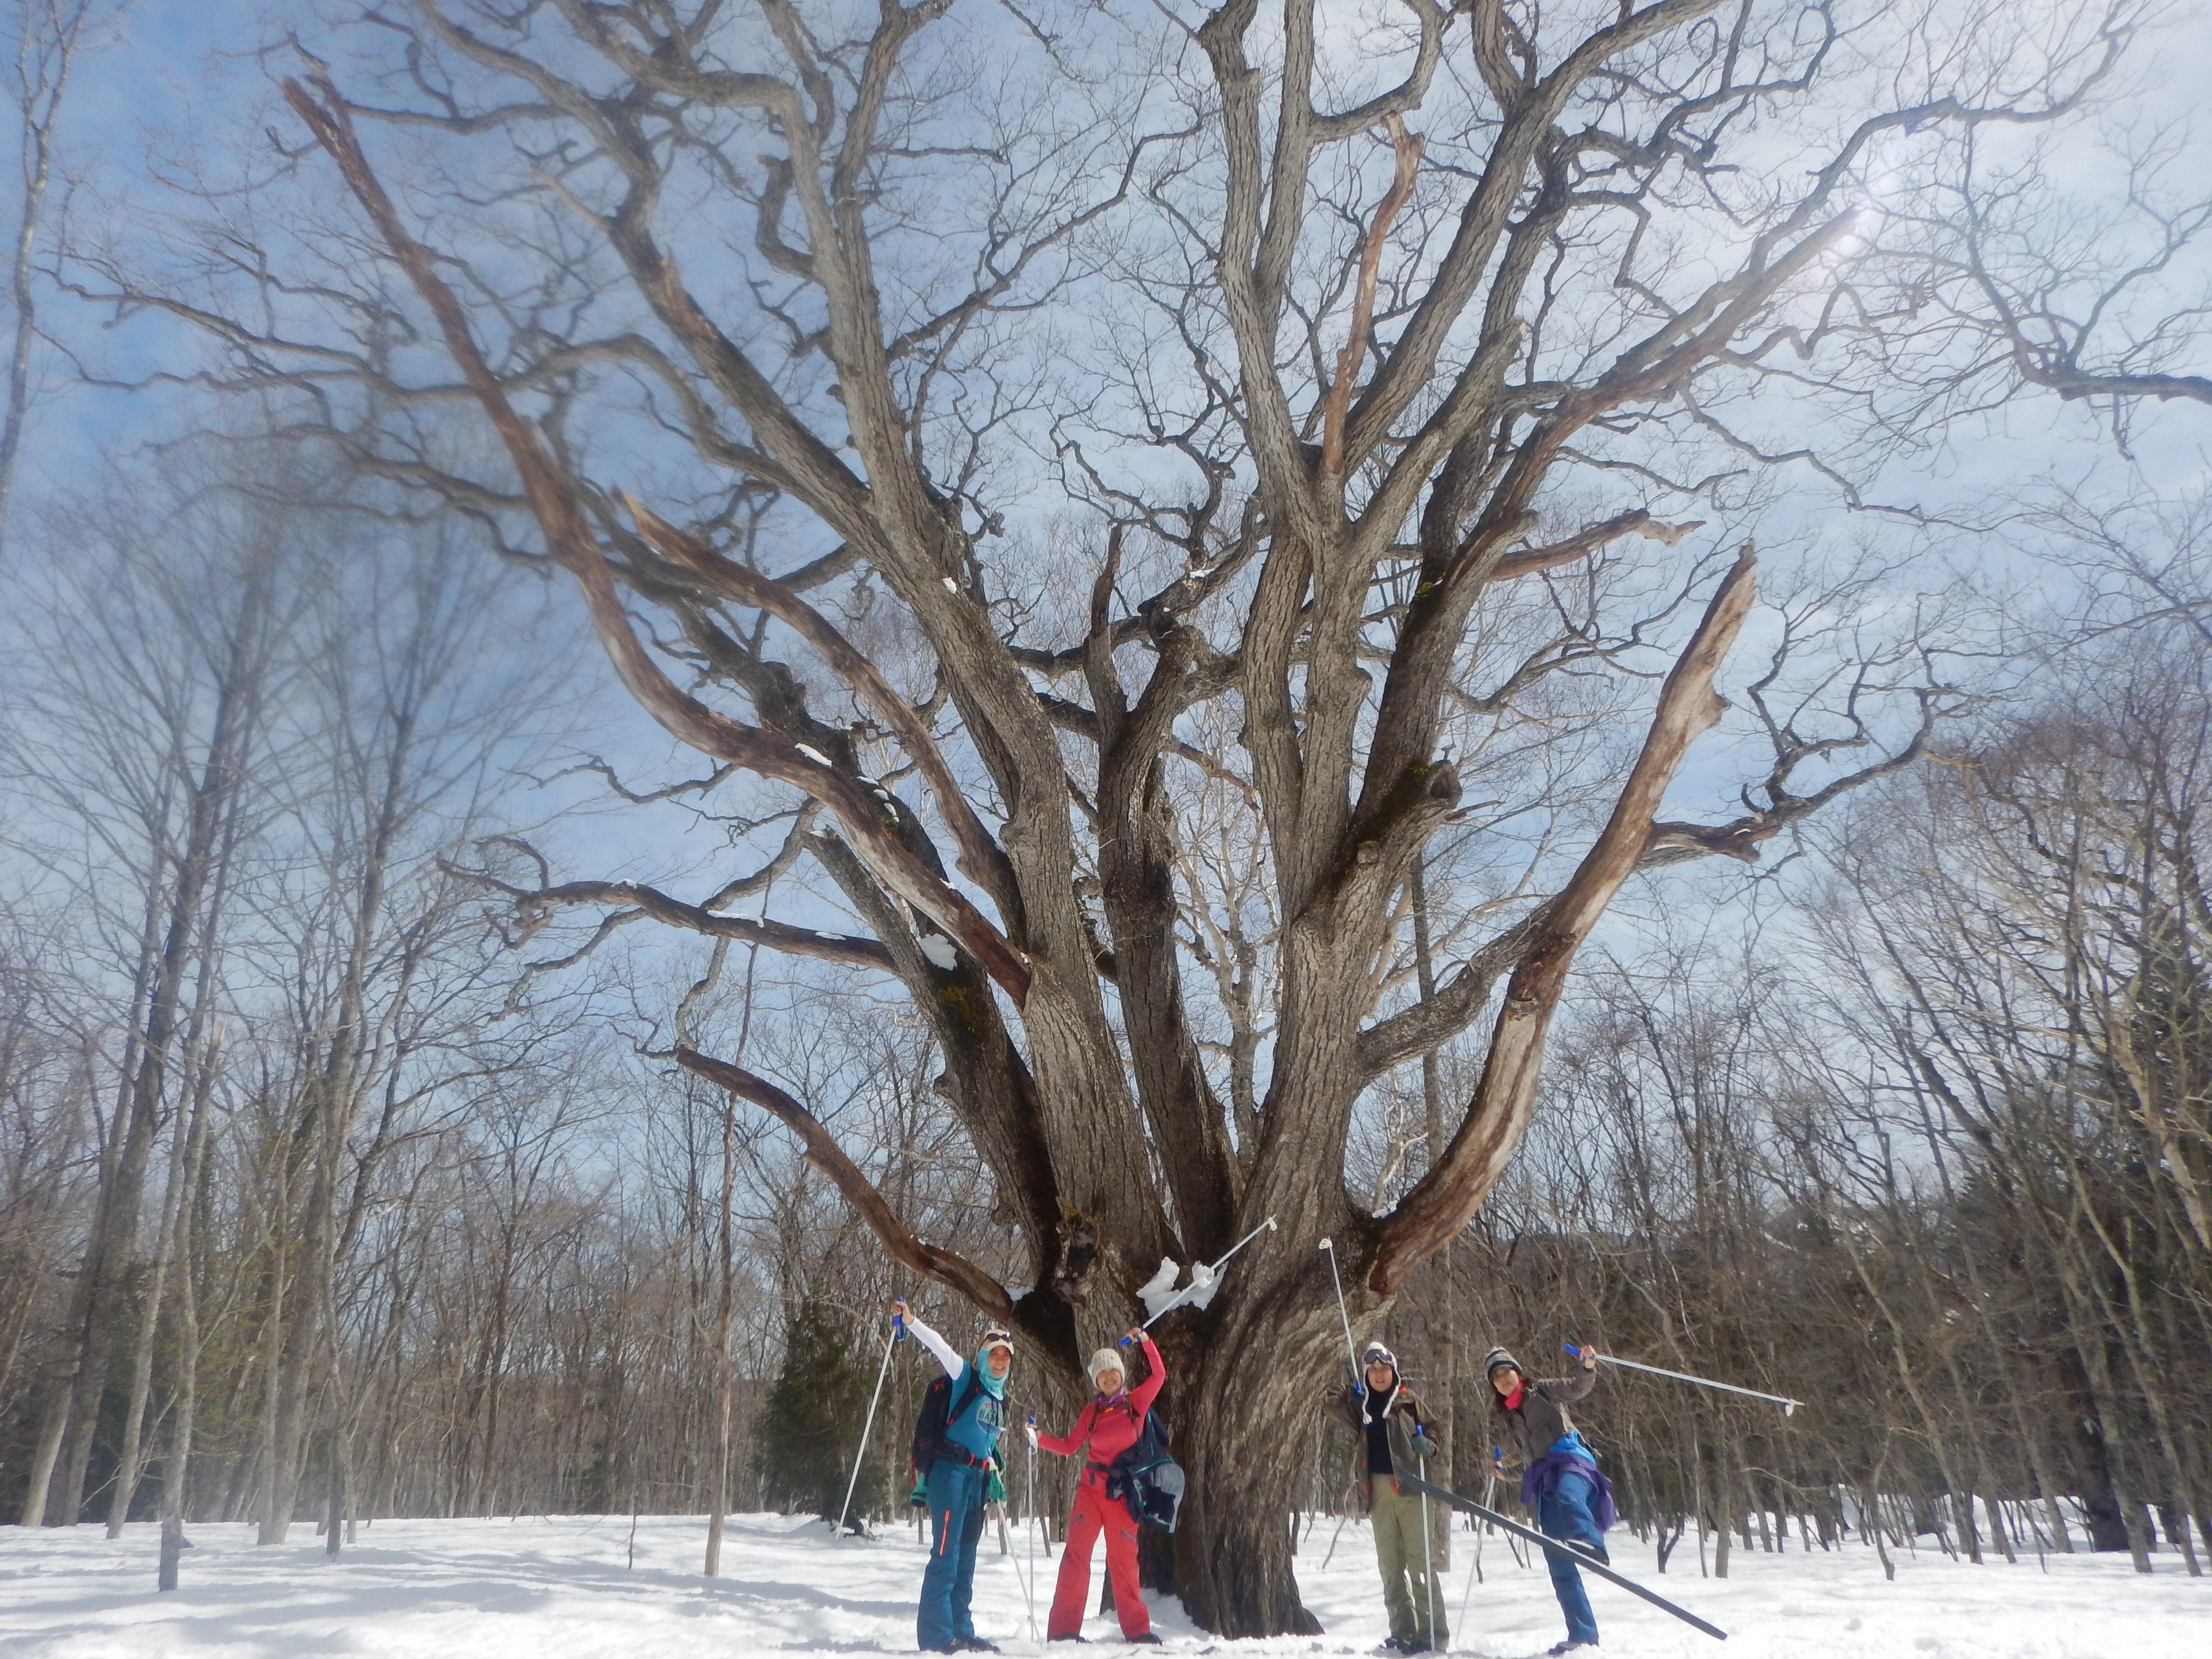 森の主「ミズナラ大王」とスノーアクティビティ客